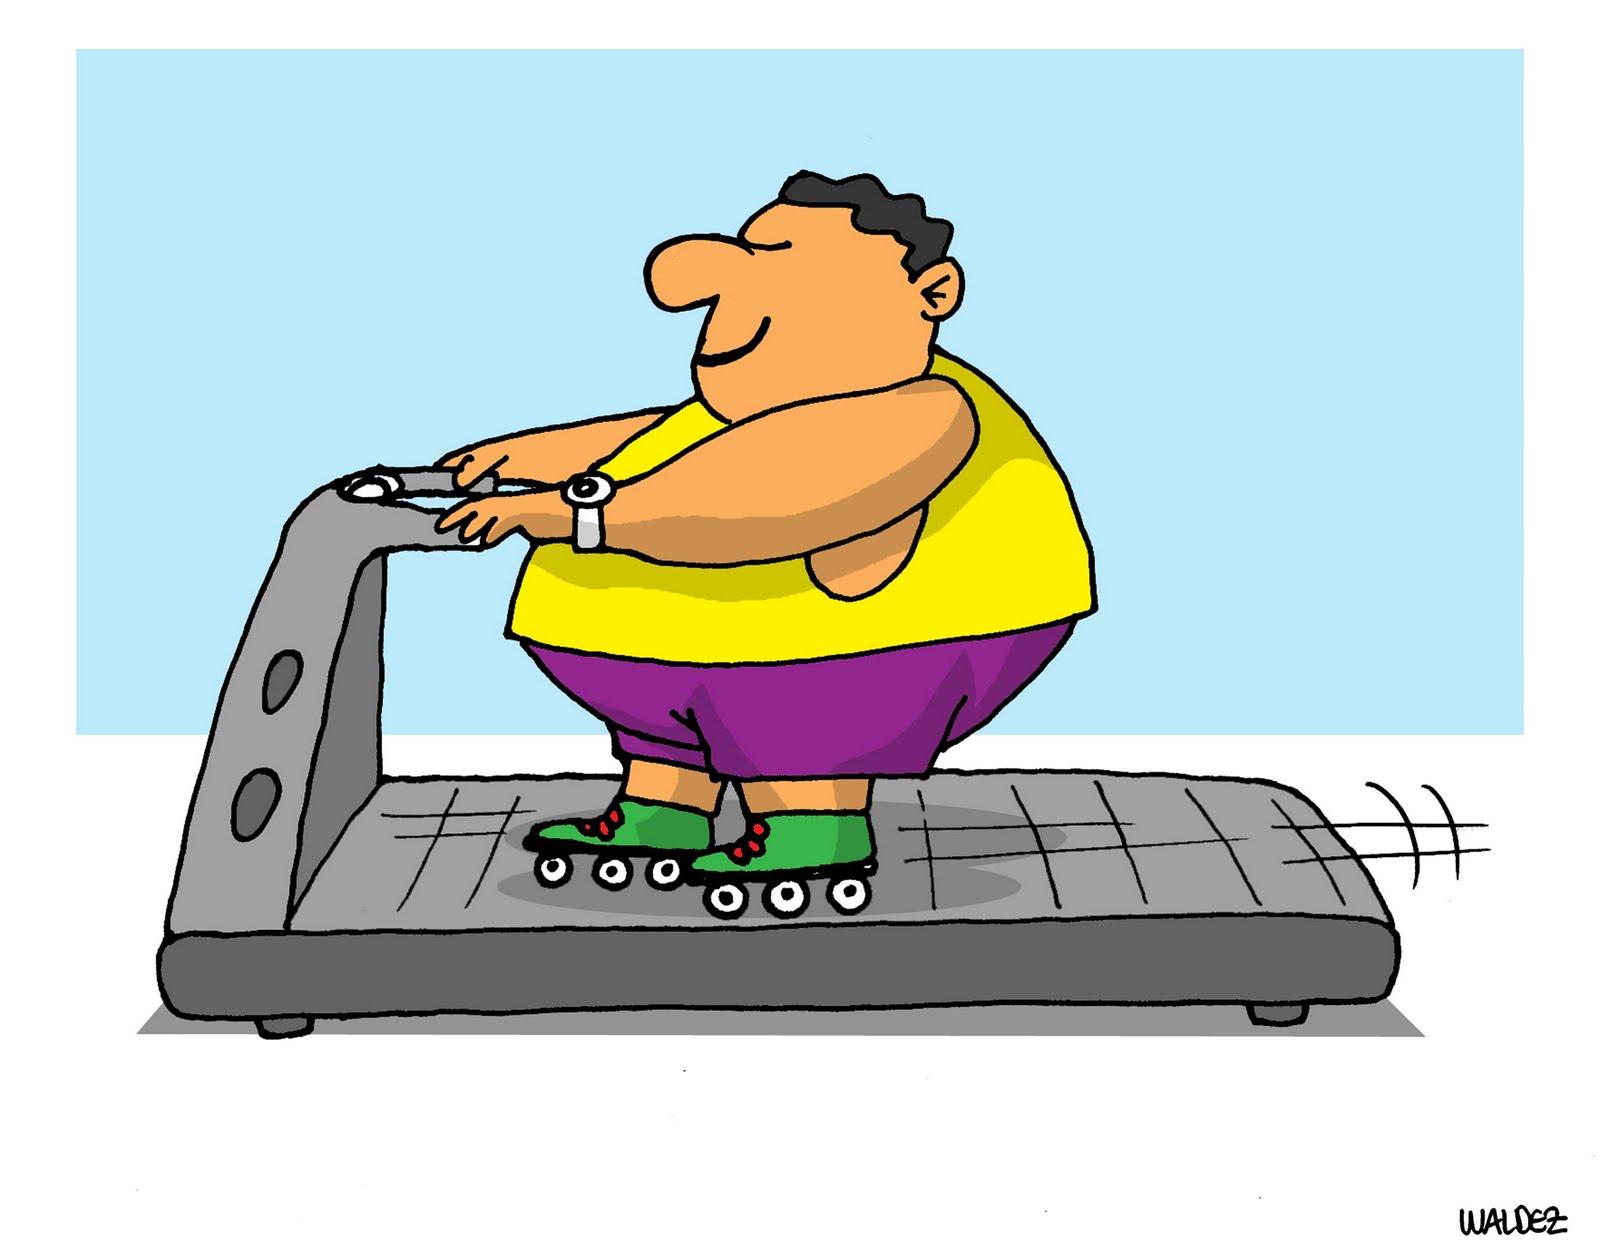 Dieta rapida y efectiva para bajar de peso yahoo dating